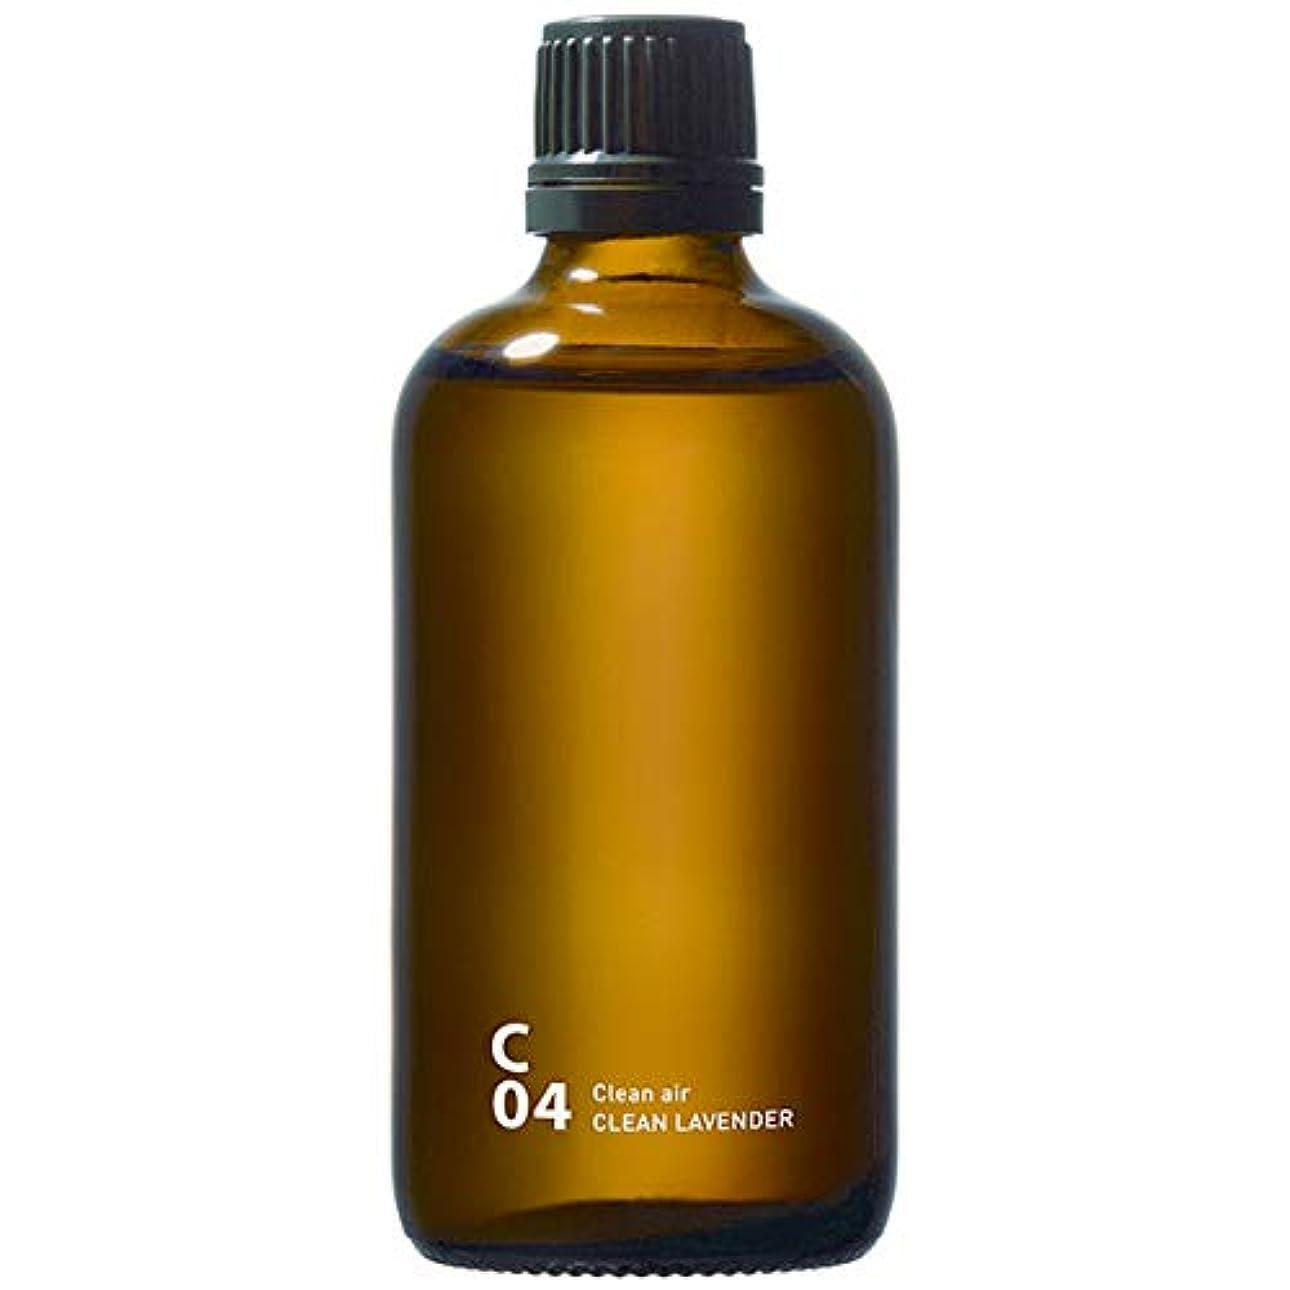 ワークショップビデオ閉じるC04 CLEAN LAVENDER piezo aroma oil 100ml